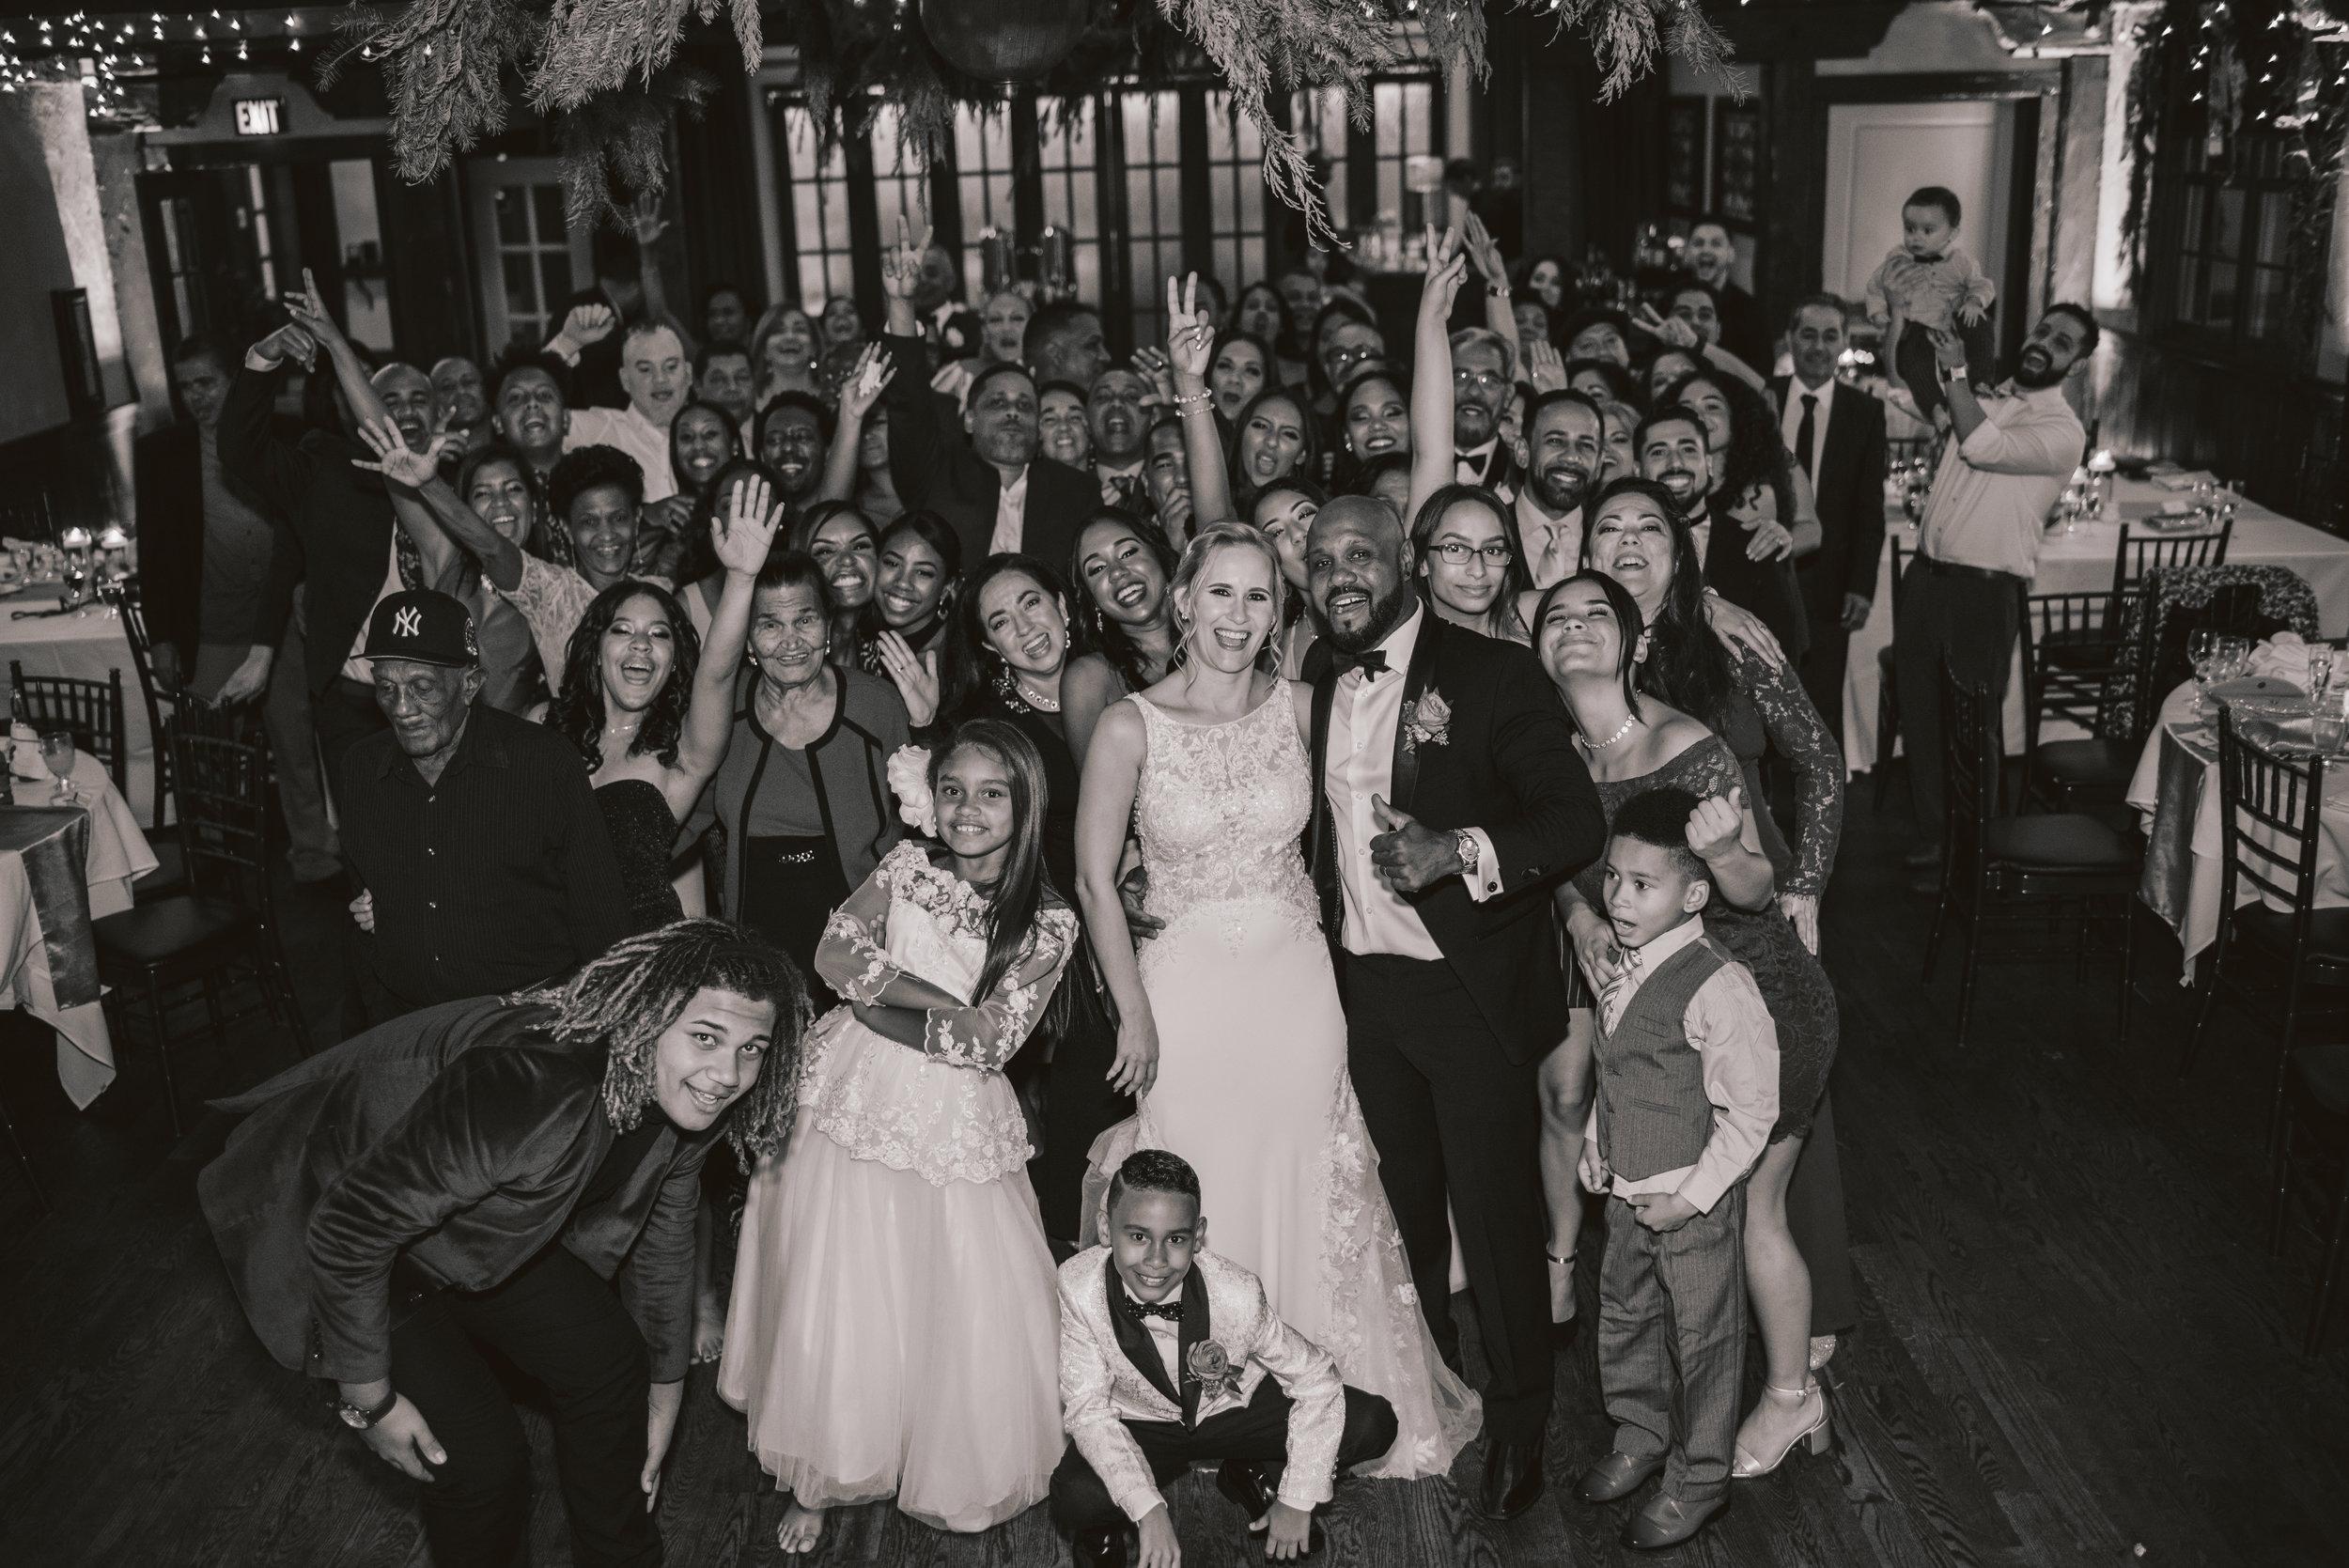 Los-Vargas-Photo-Wedding-Historic-Dubsdread-Ballroom-9534.jpg